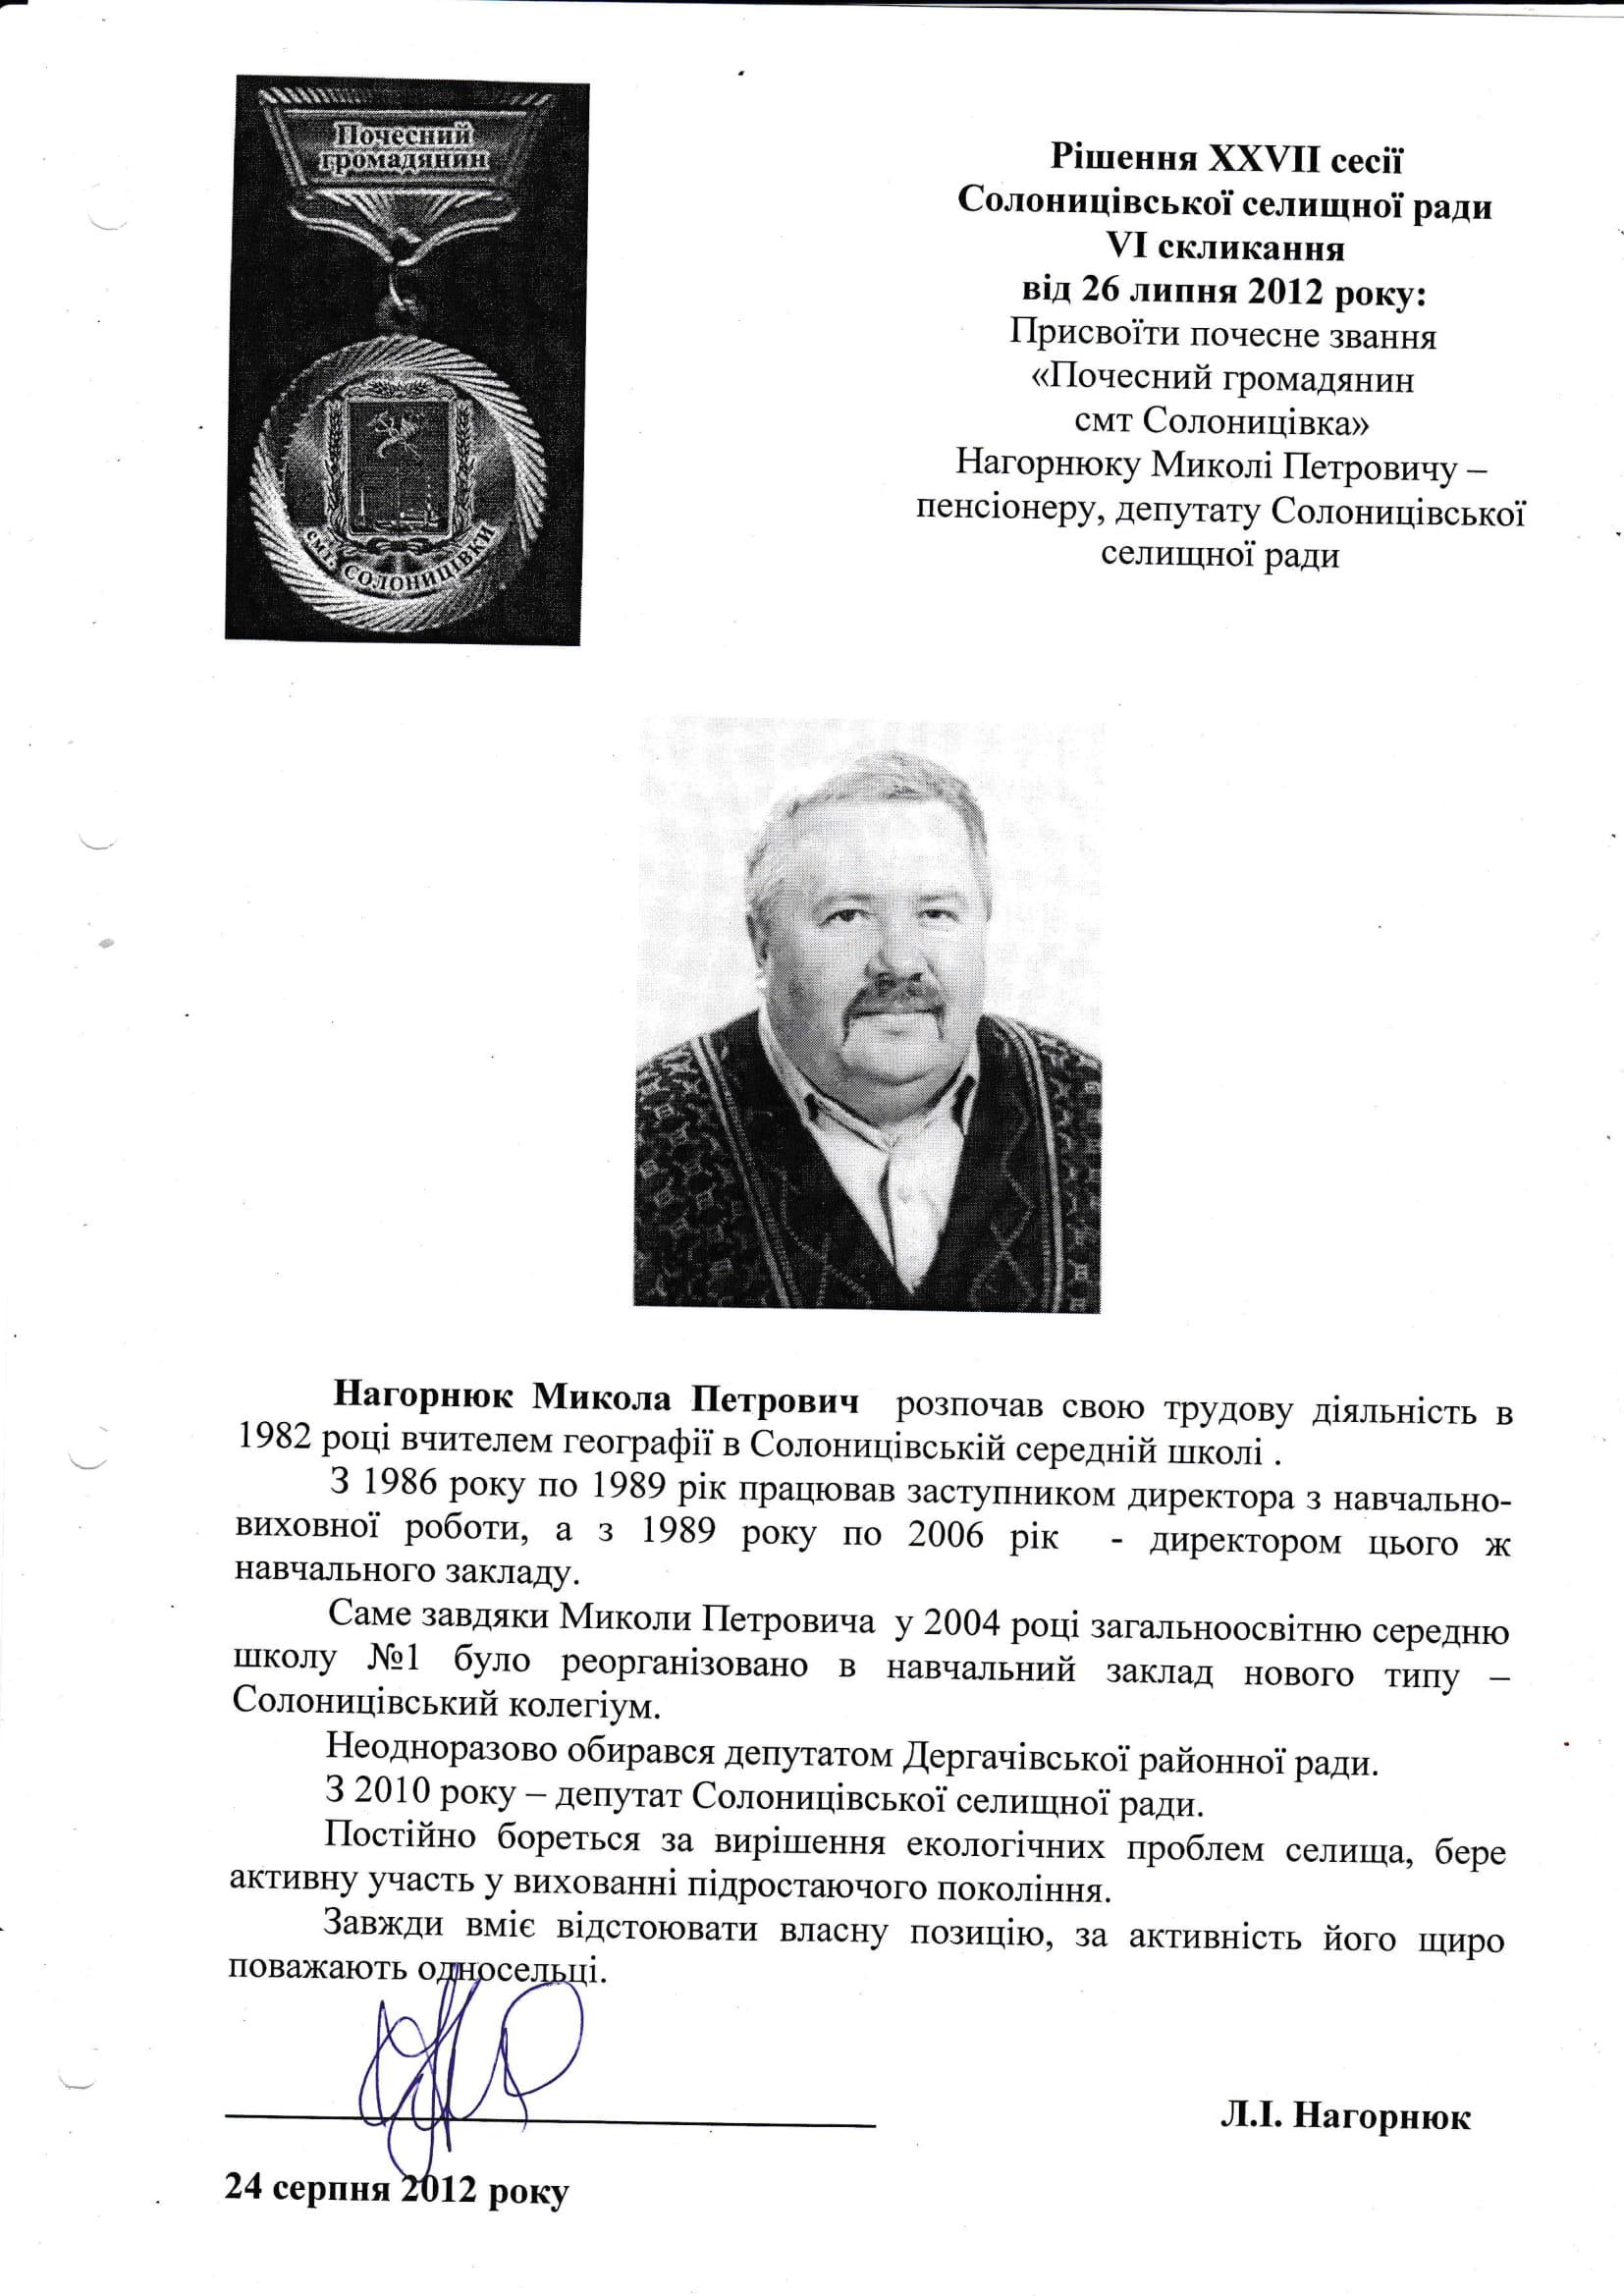 Нагорнюк Микола Петрович